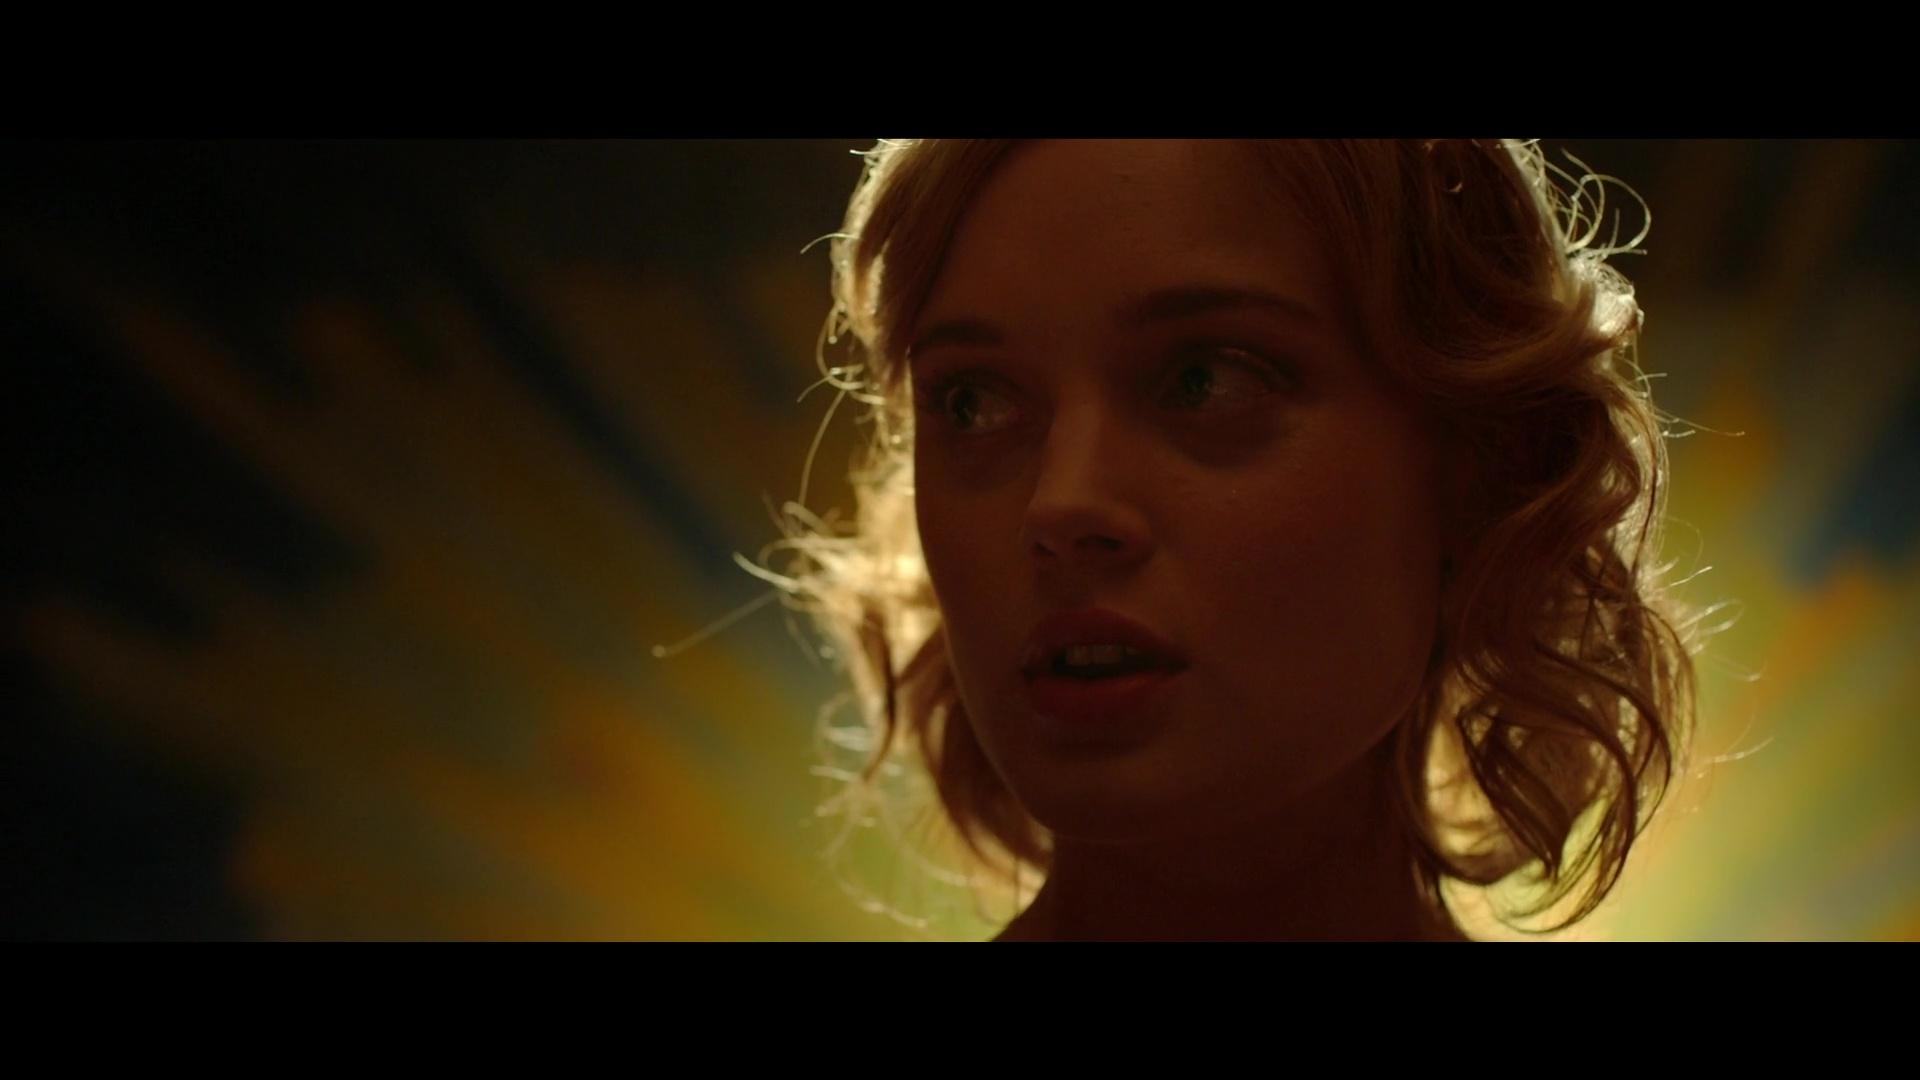 El Profesor Marston Y La Mujer Maravilla 1080p Lat-Cast-Ing[Drama](2017)